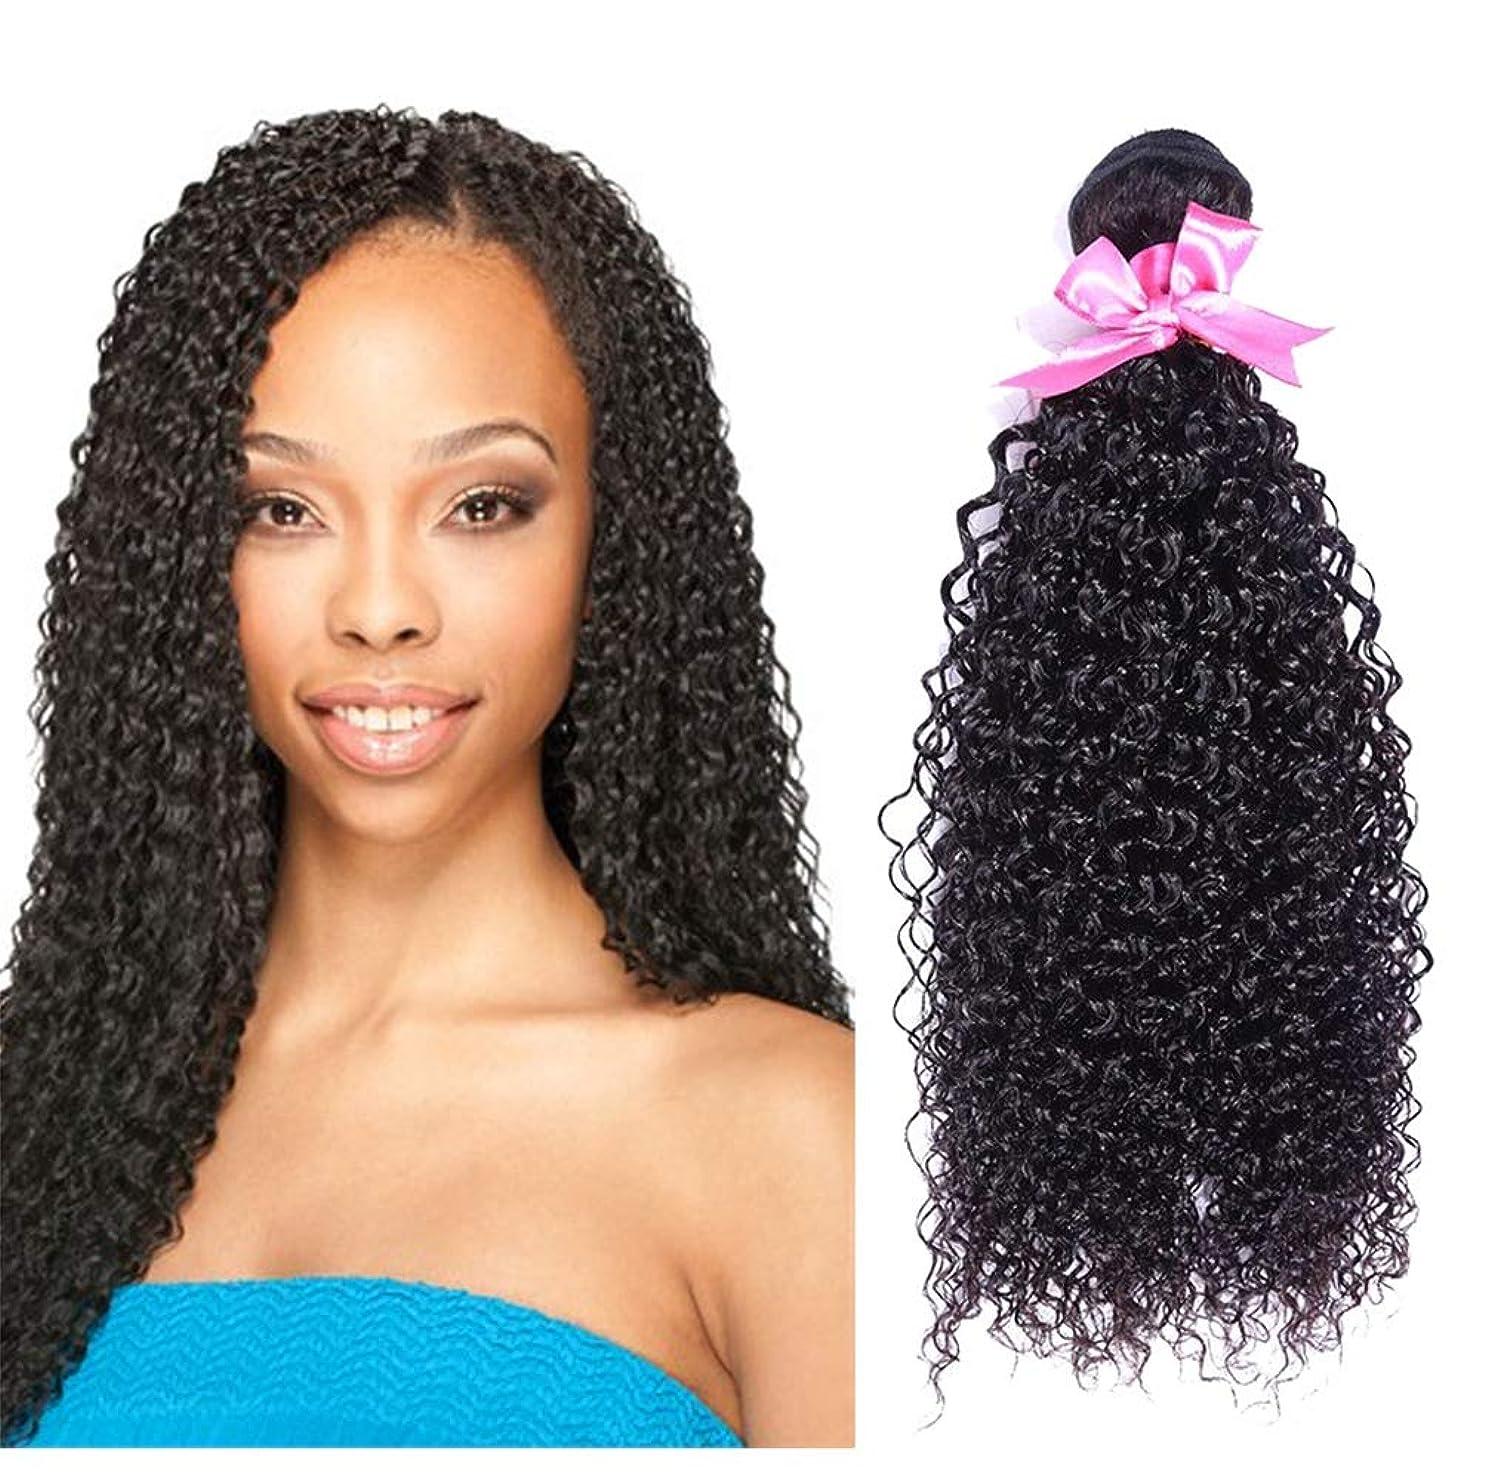 アレキサンダーグラハムベル便利フリル女性の髪を編む150%密度ブラジルのロングボディウェーブヘアバンドル波状の髪の拡張子100%人毛で縫う100g /バンドル